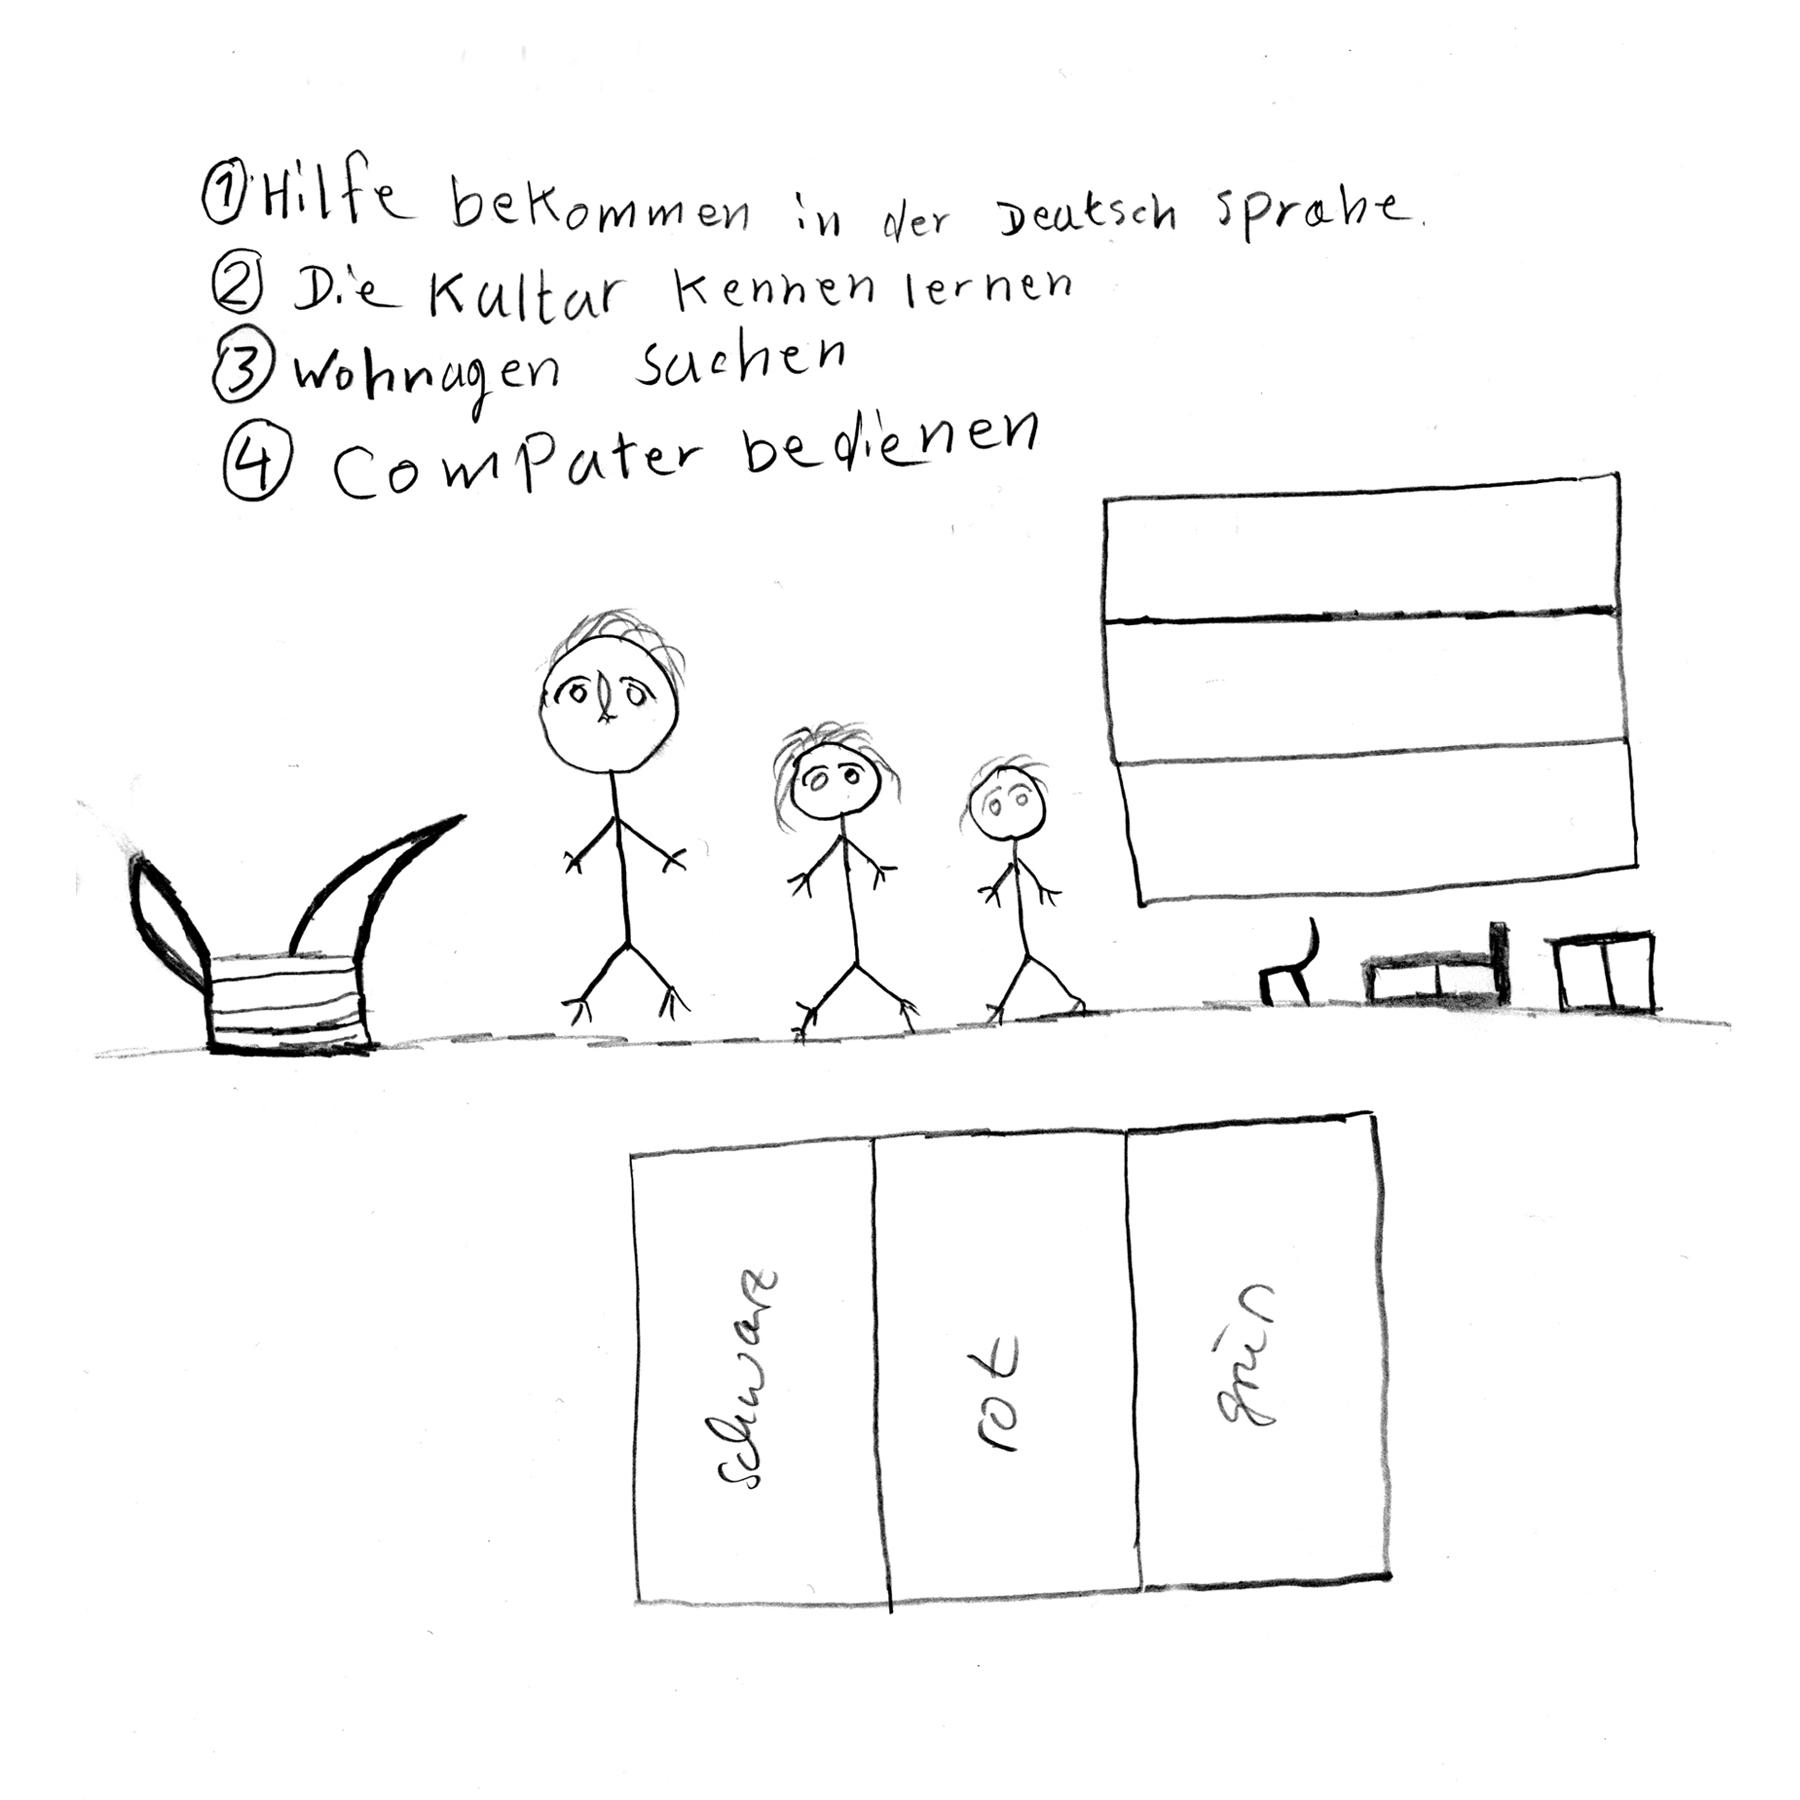 Schaffen_Dezim_19_02_q